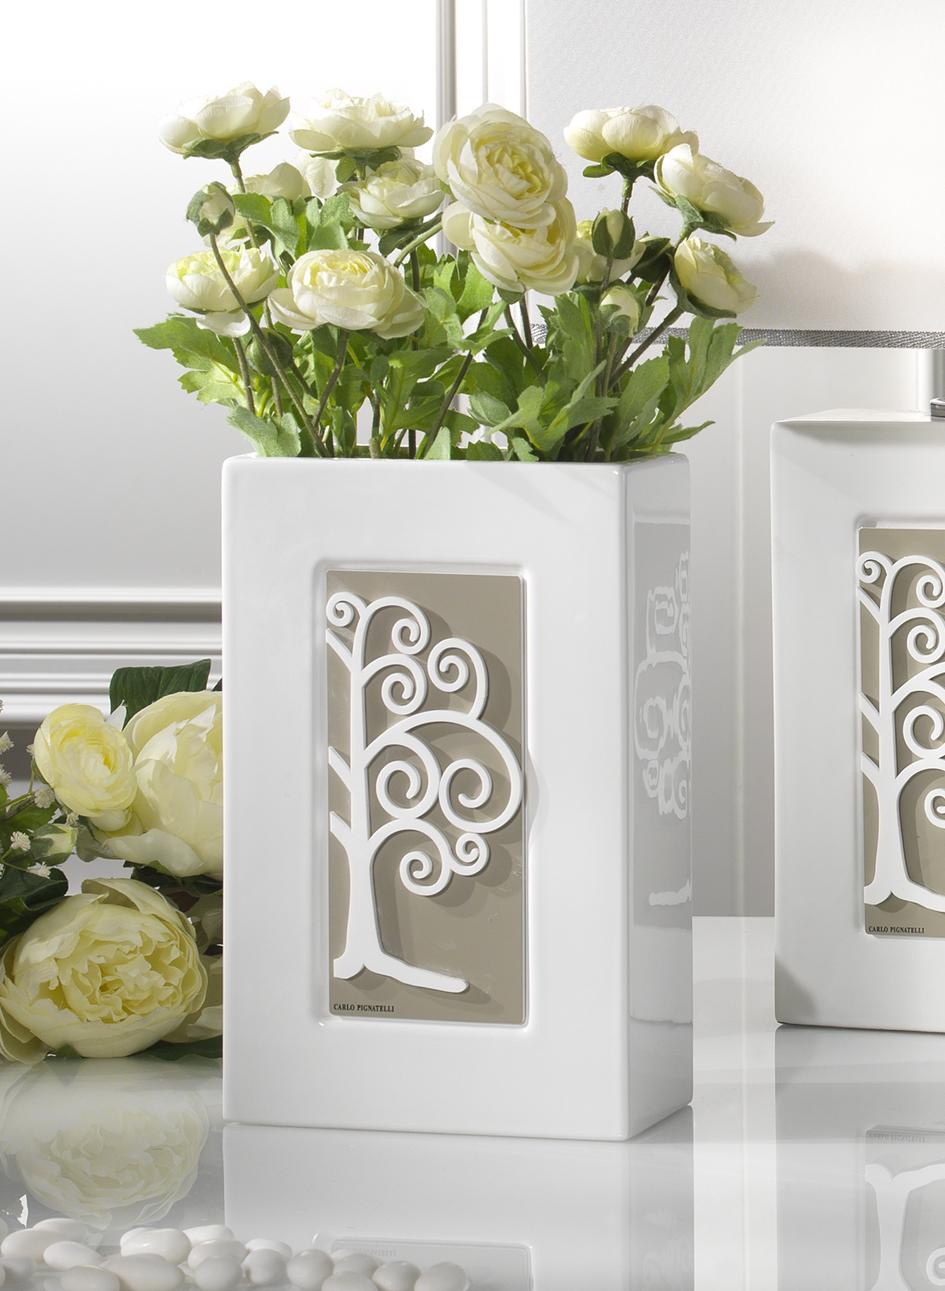 Vaso porta fiori in porcellana con albero bomboniere roccaro for Vasi per bonsai prezzi